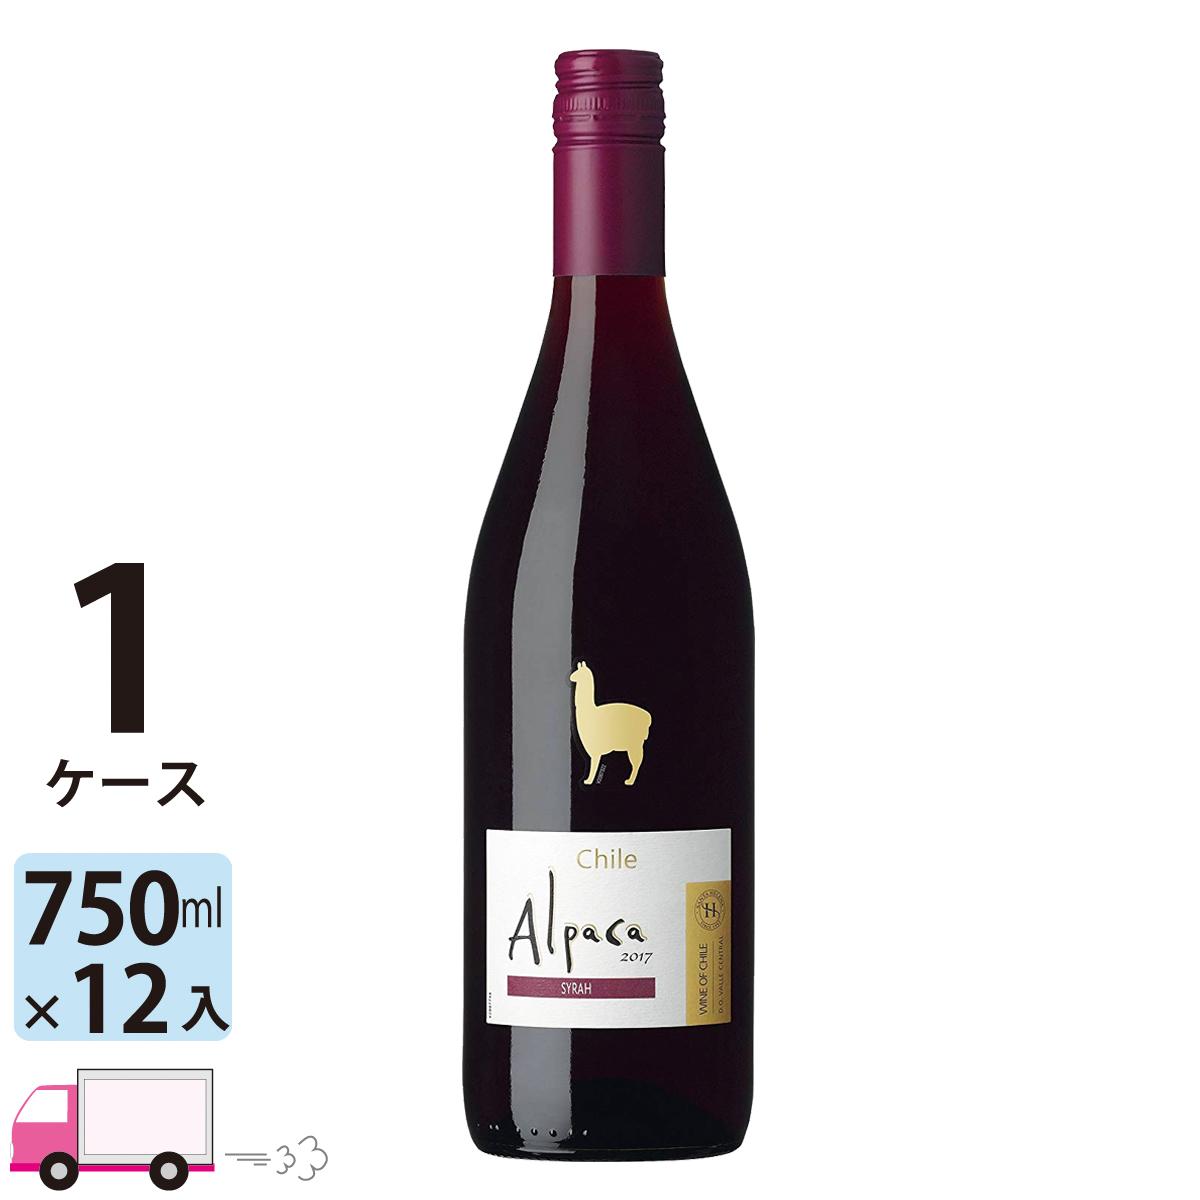 送料無料 サンタ・ヘレナ・アルパカ・シラー 750ml 1ケース (12本)